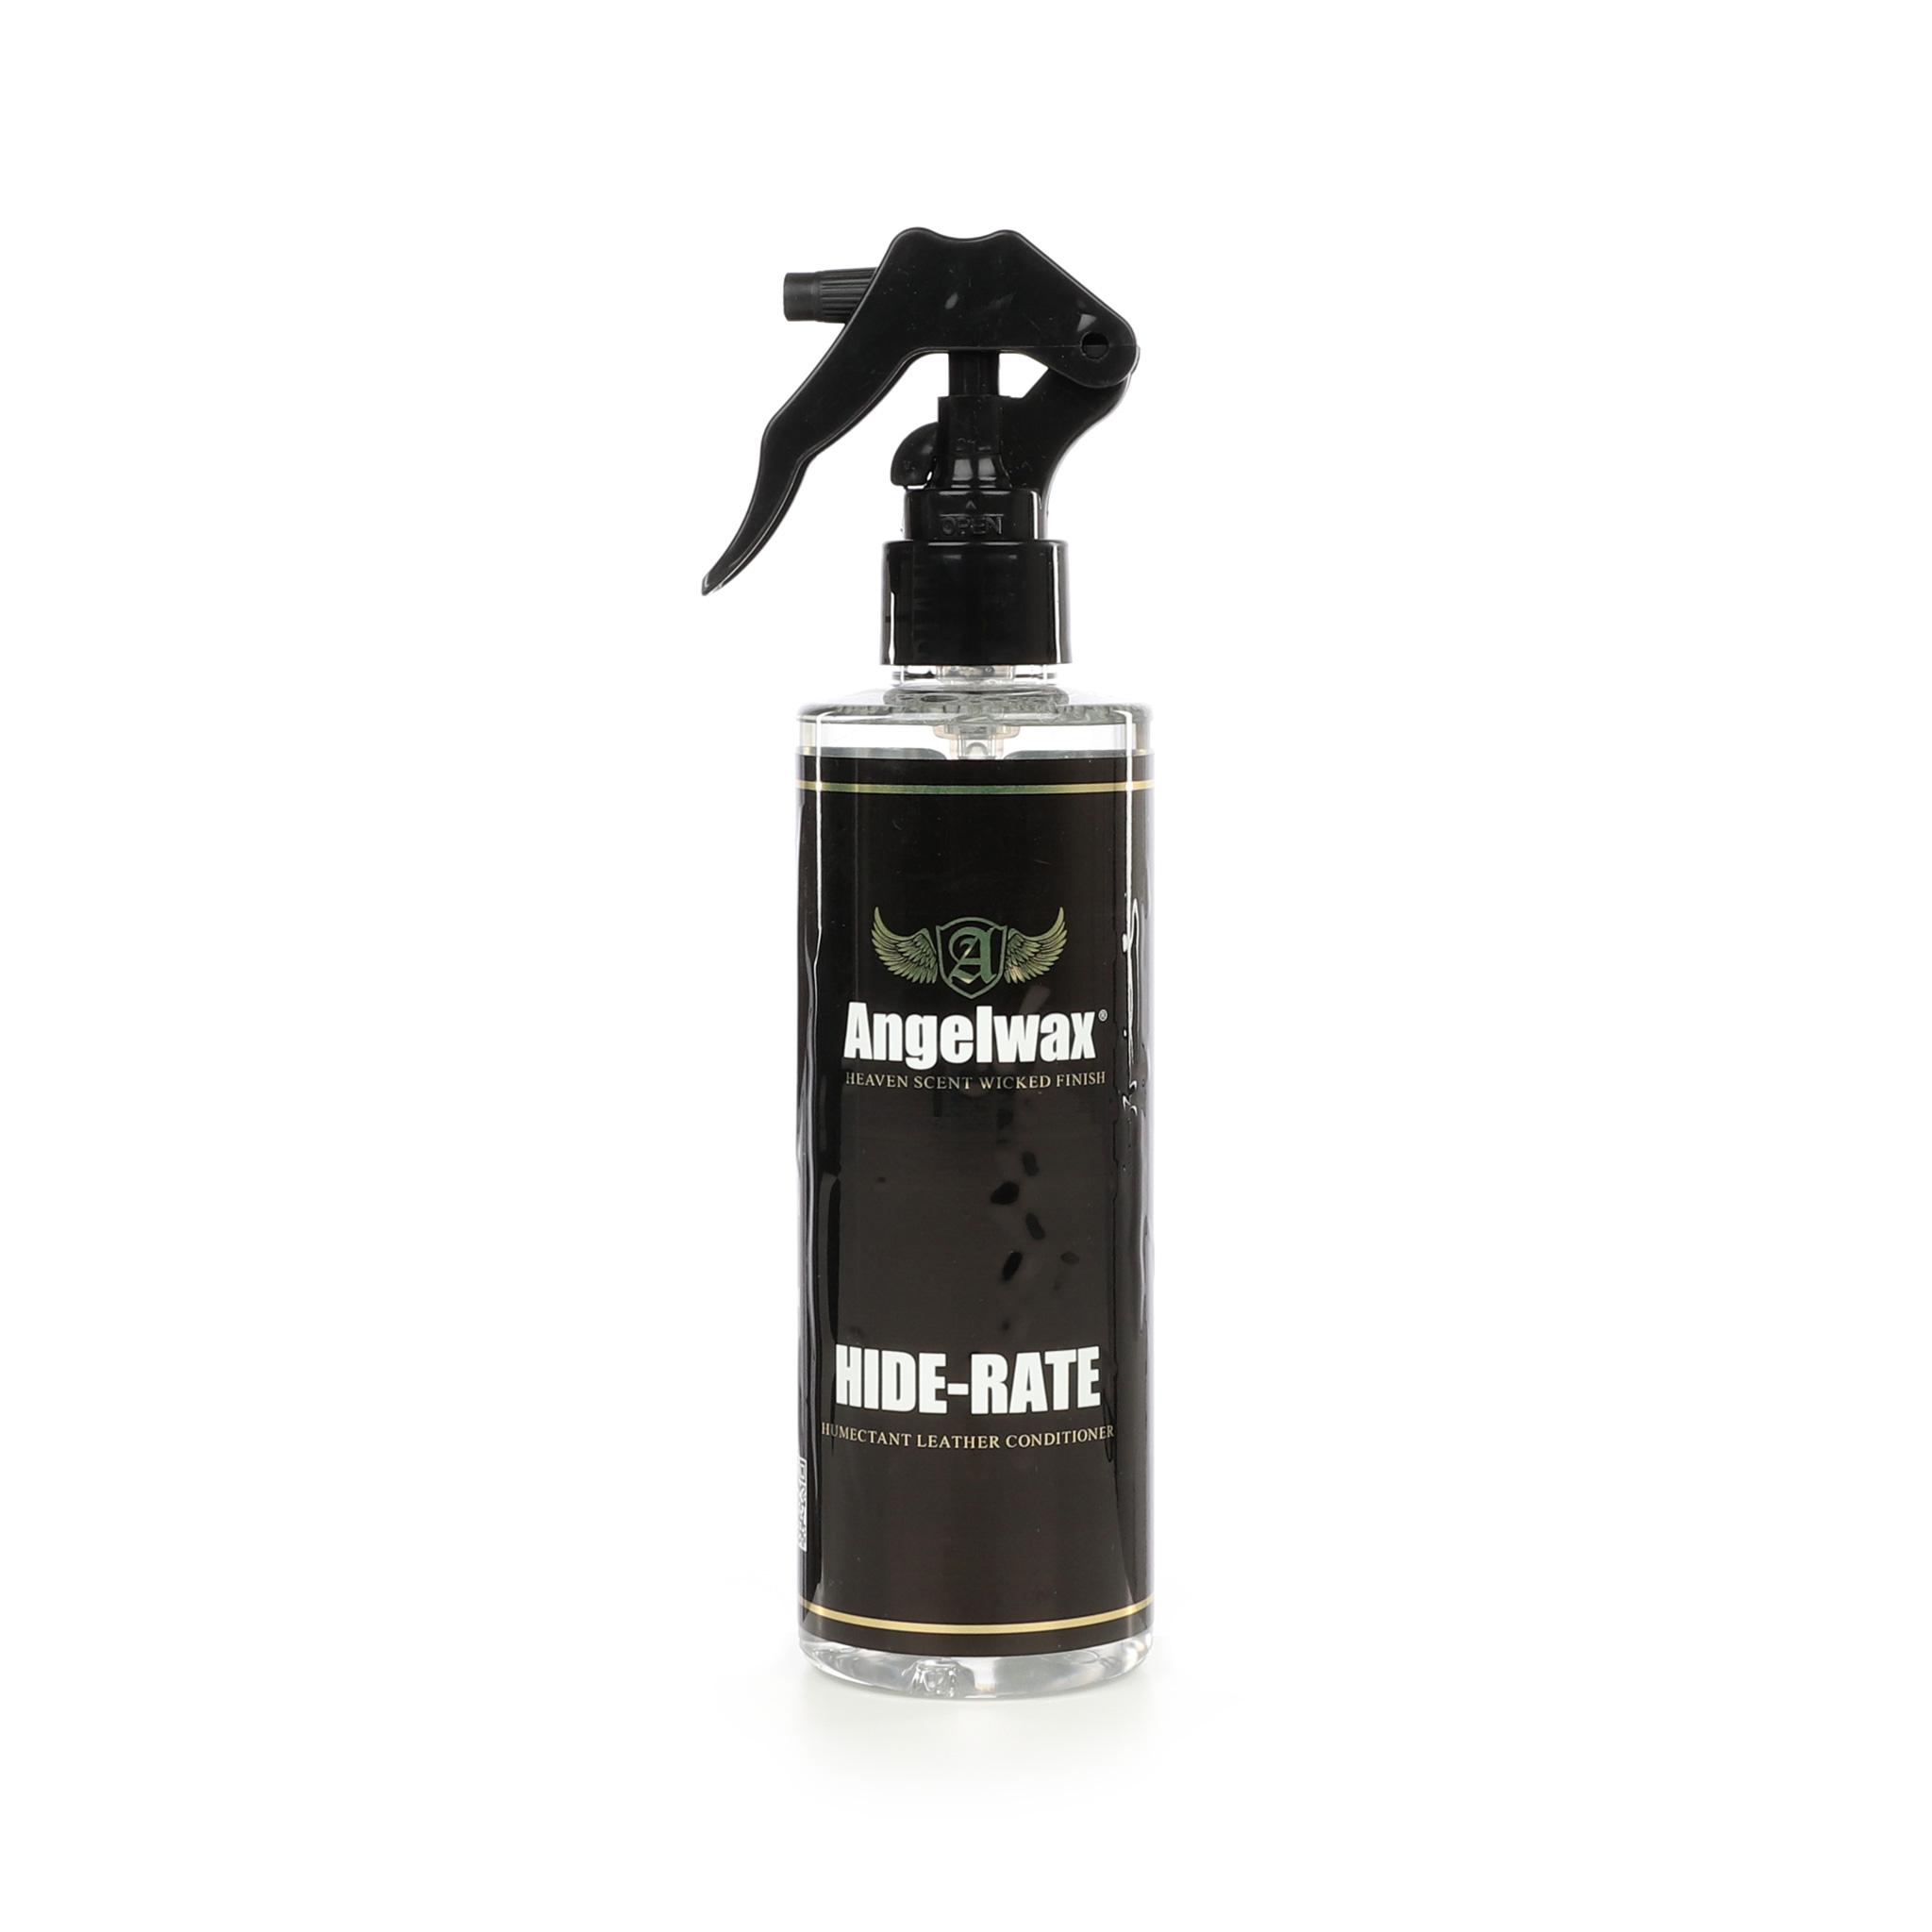 Läderbehandling Angelwax Hide-Rate, 250 ml